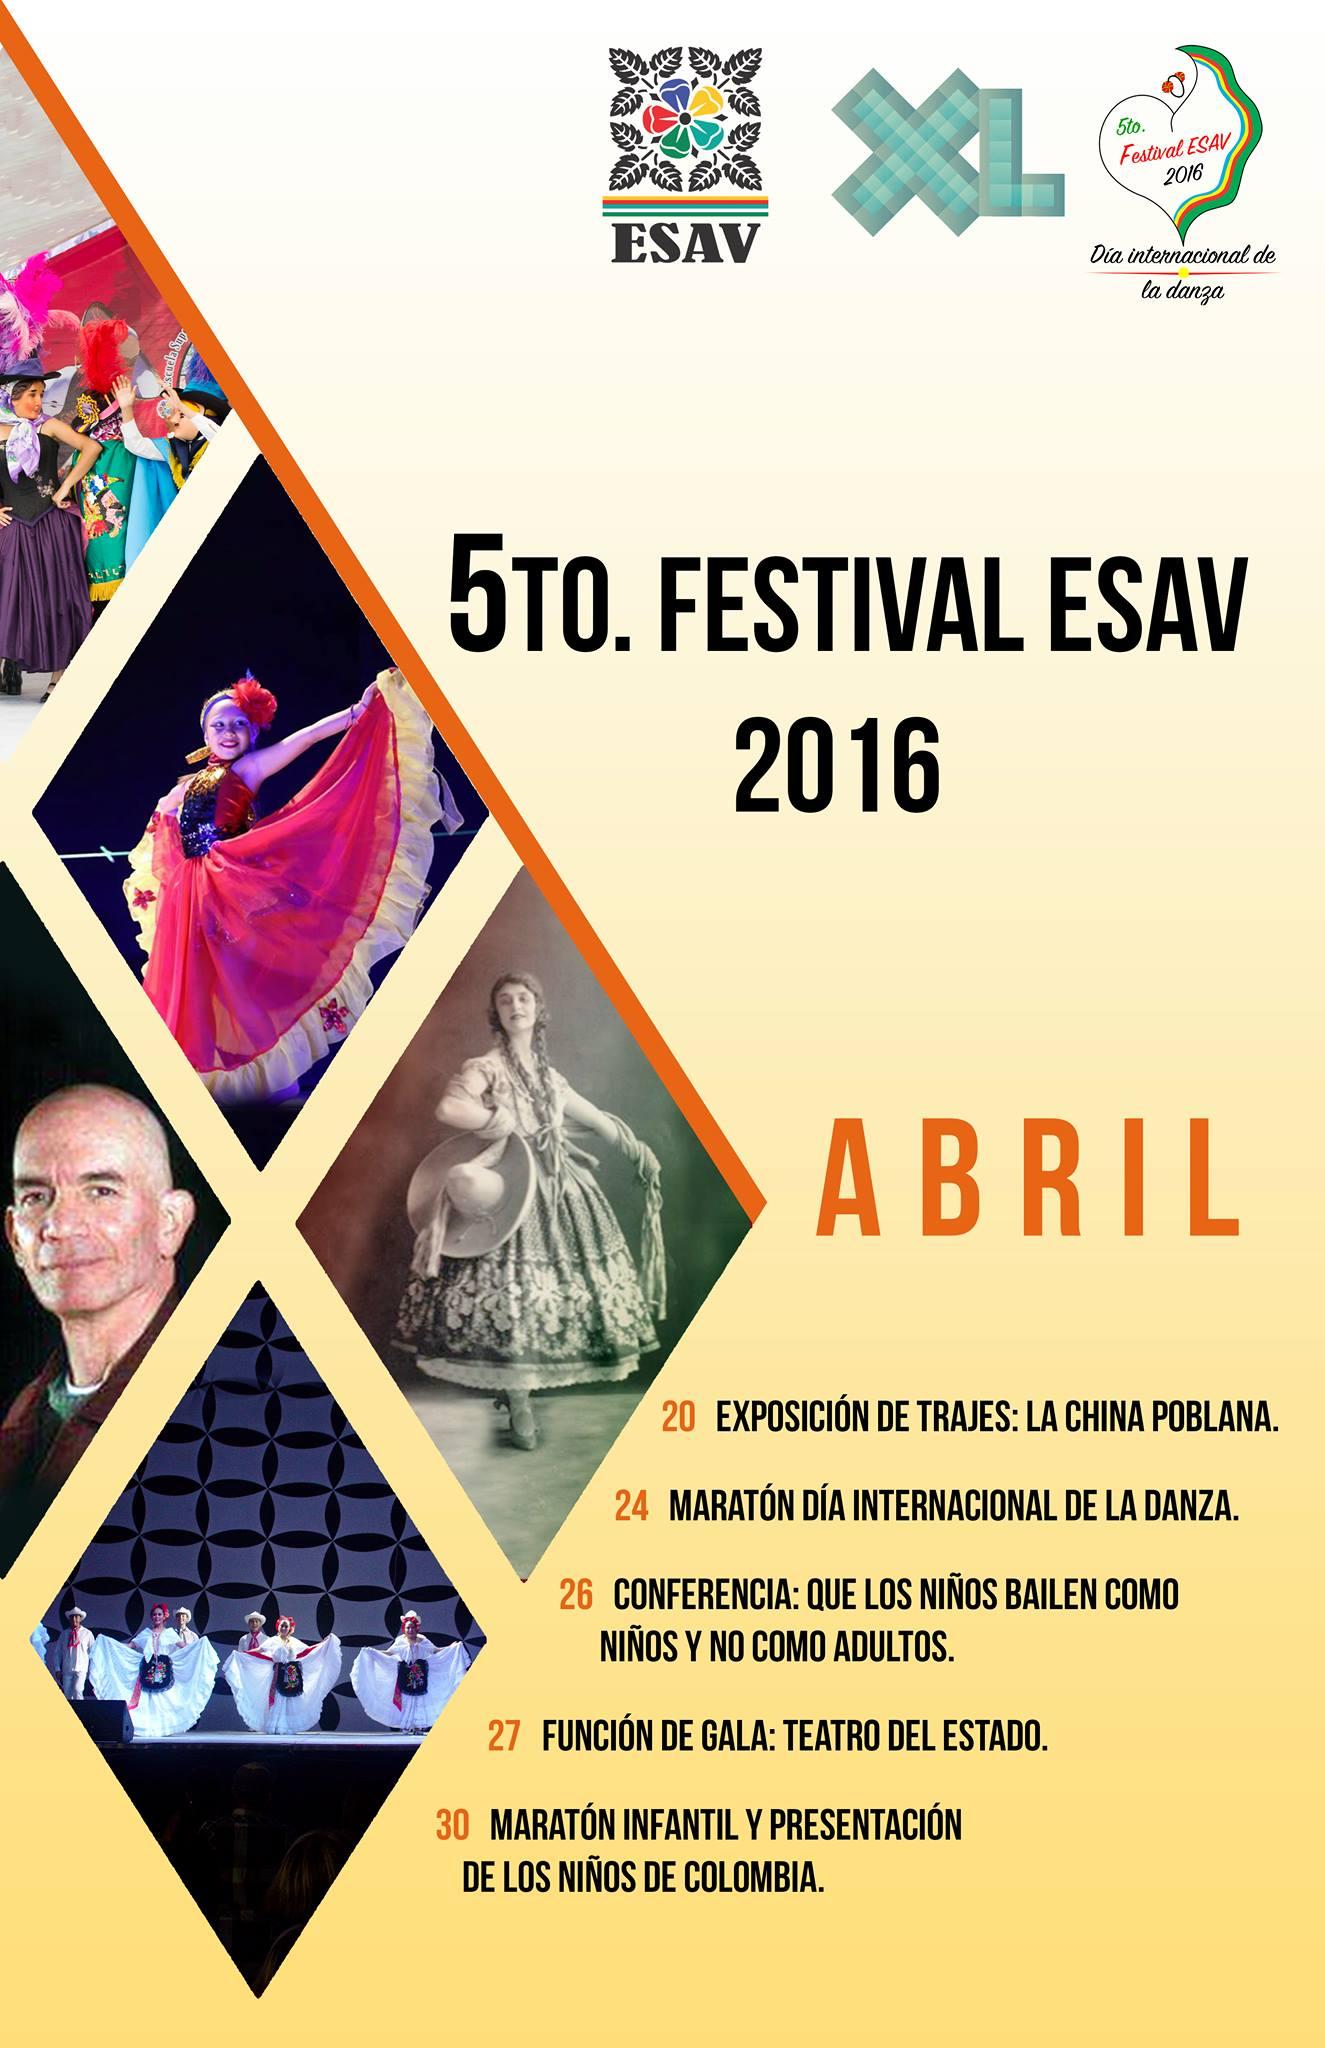 Celebrarán el Día Internacional de la Danza en Xalapa